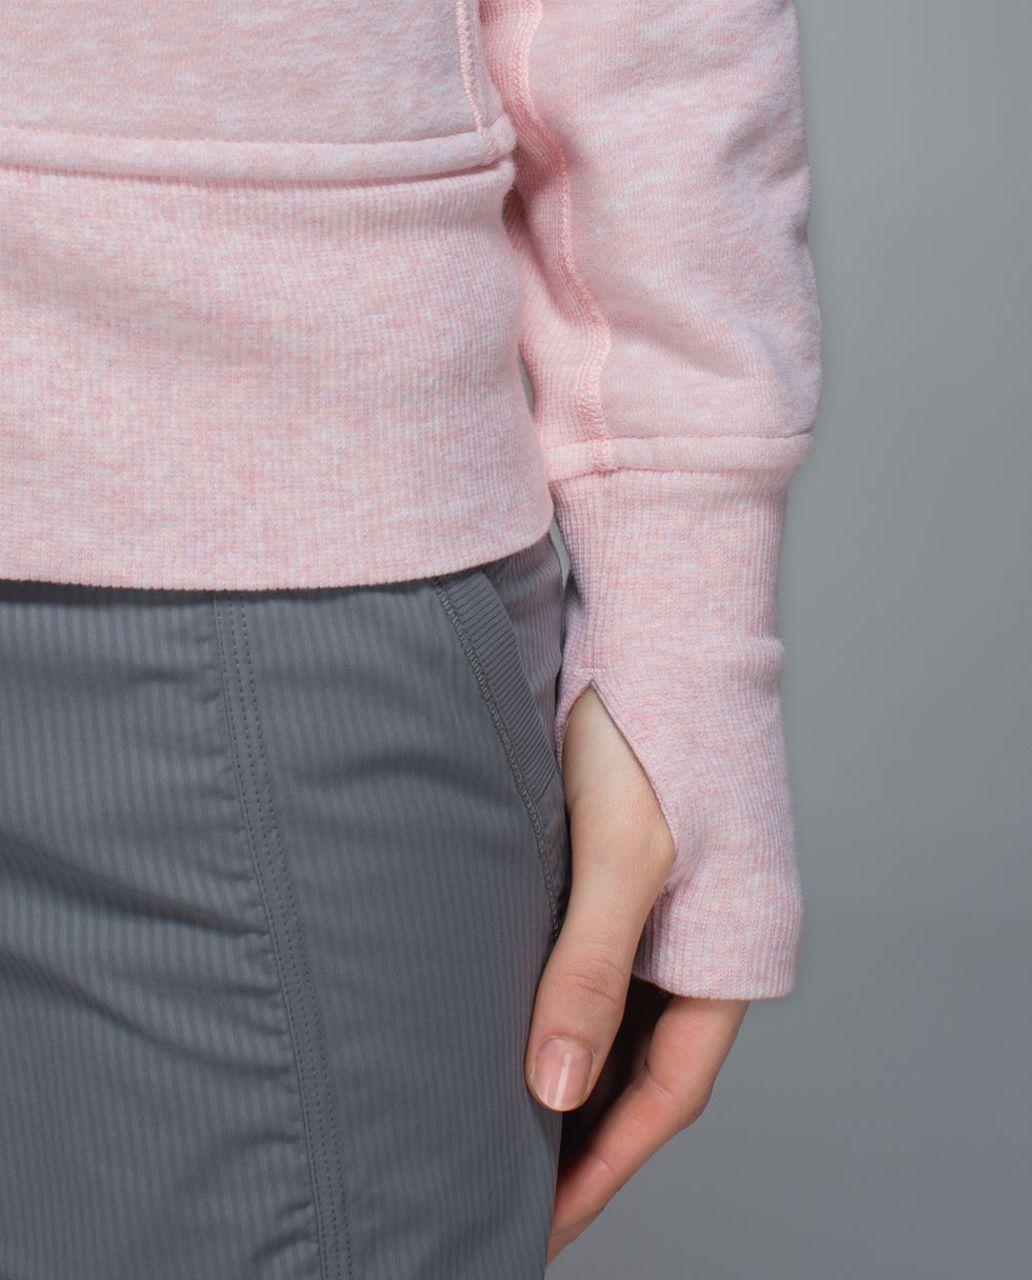 Lululemon Scuba Hoodie II - Heathered Parfait Pink / White